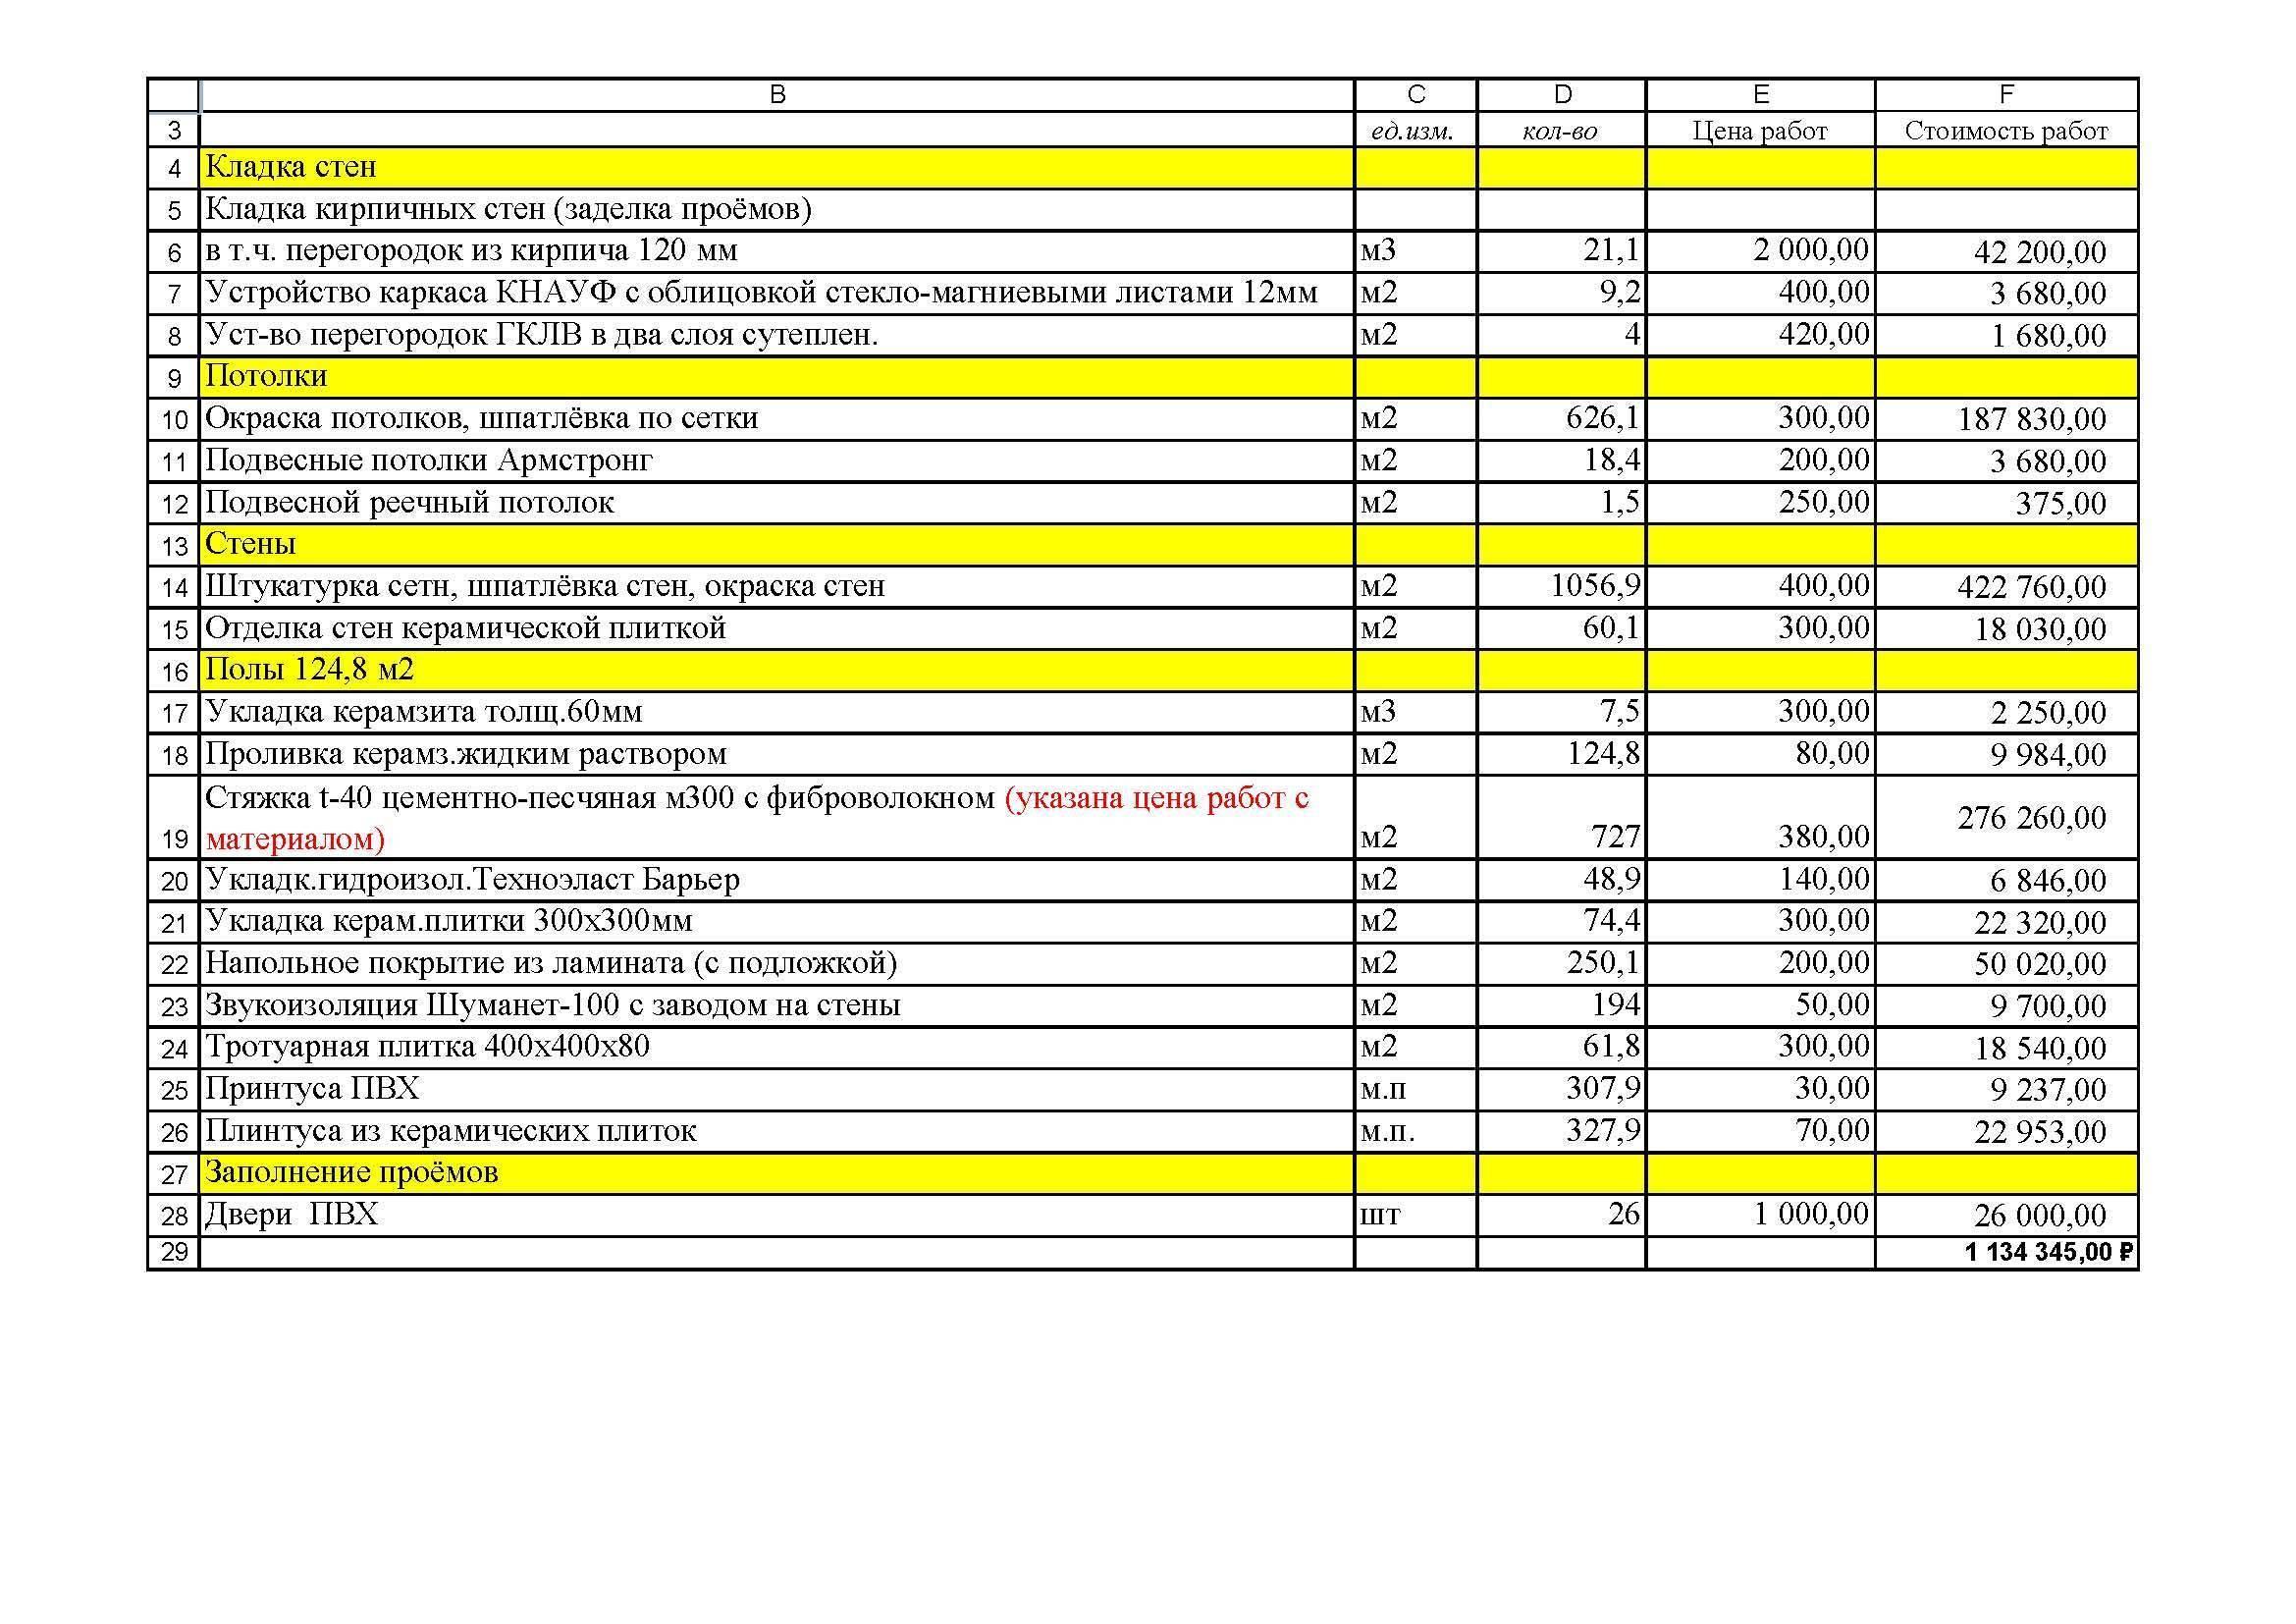 Демонтаж потолка армстронг: расценка в смете, цена за м2 подвесных и сколько стоит